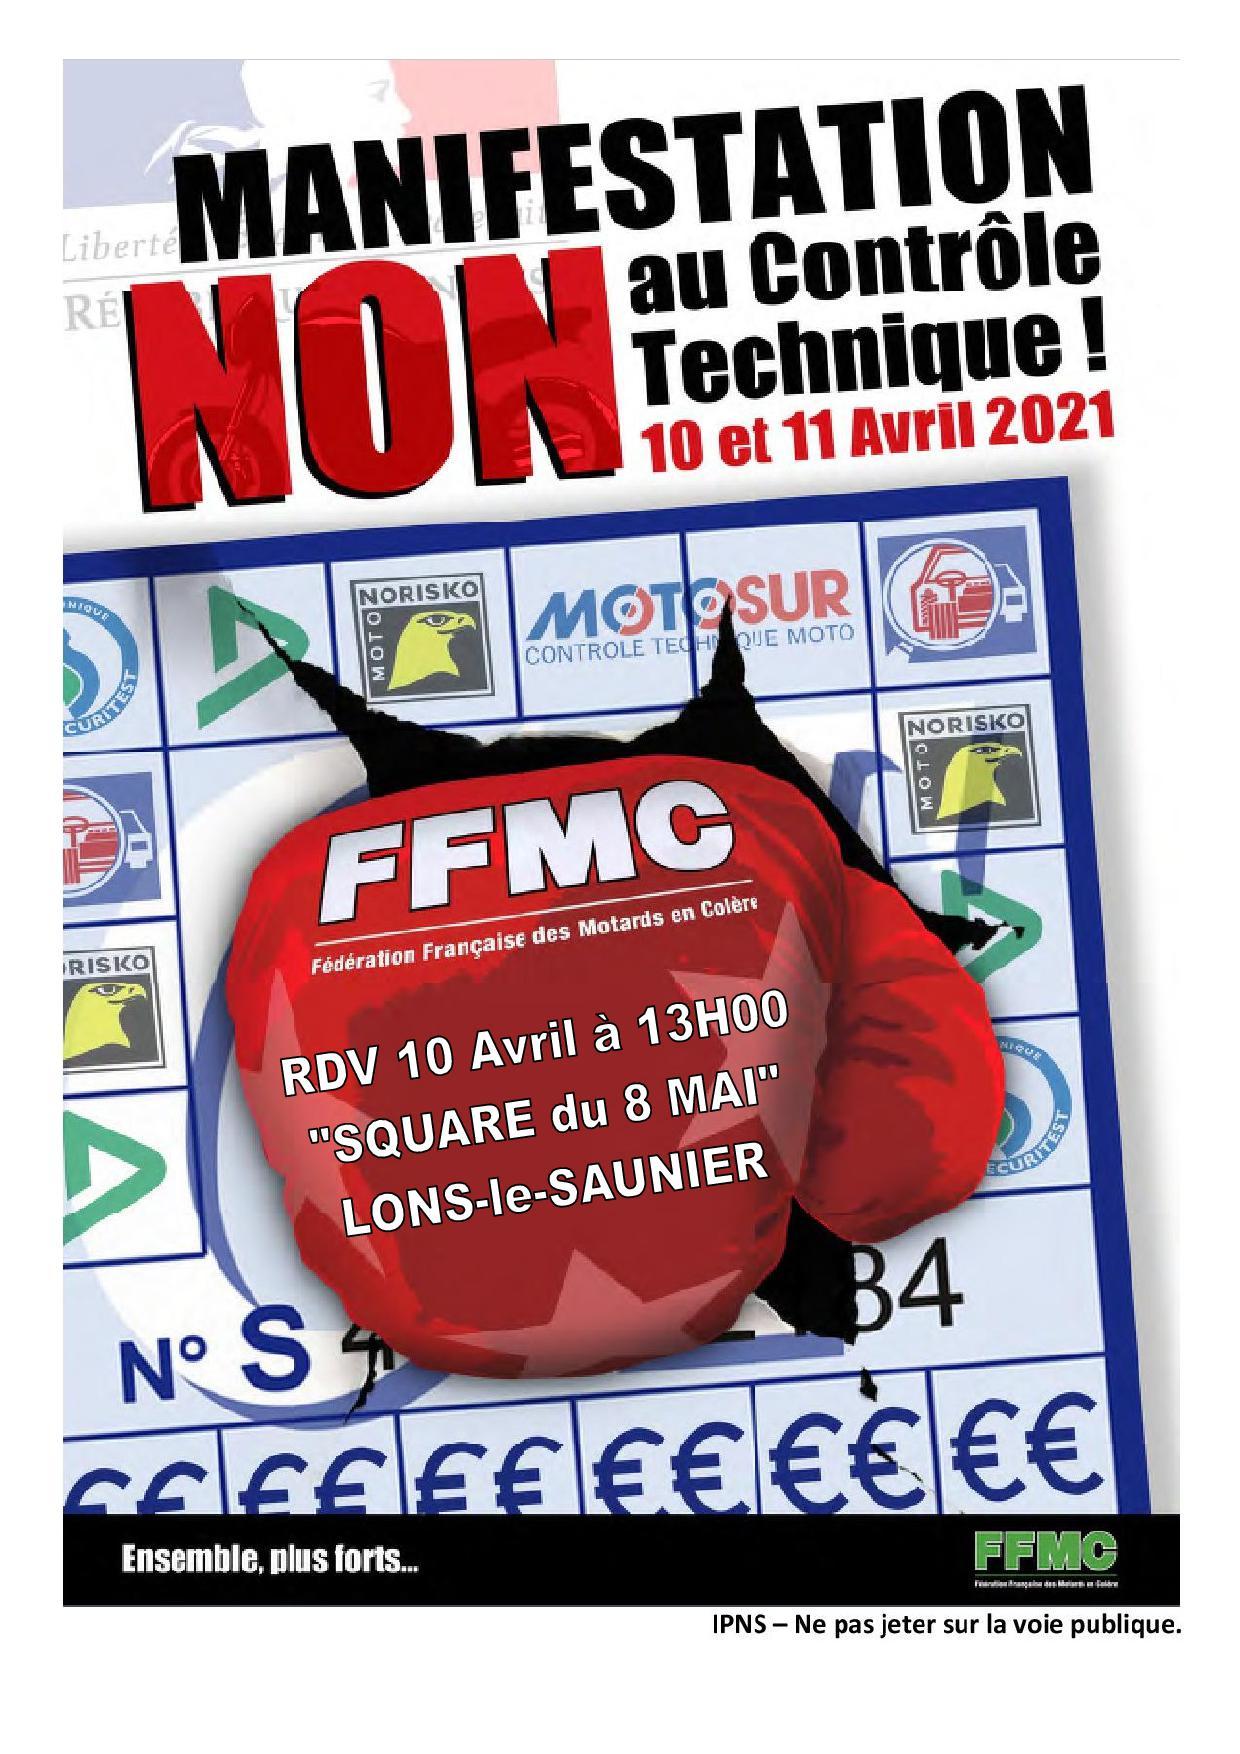 Contre le CT moto, la manifestation du Jura, samedi 10 avril 2021, est déclarée et autorisée